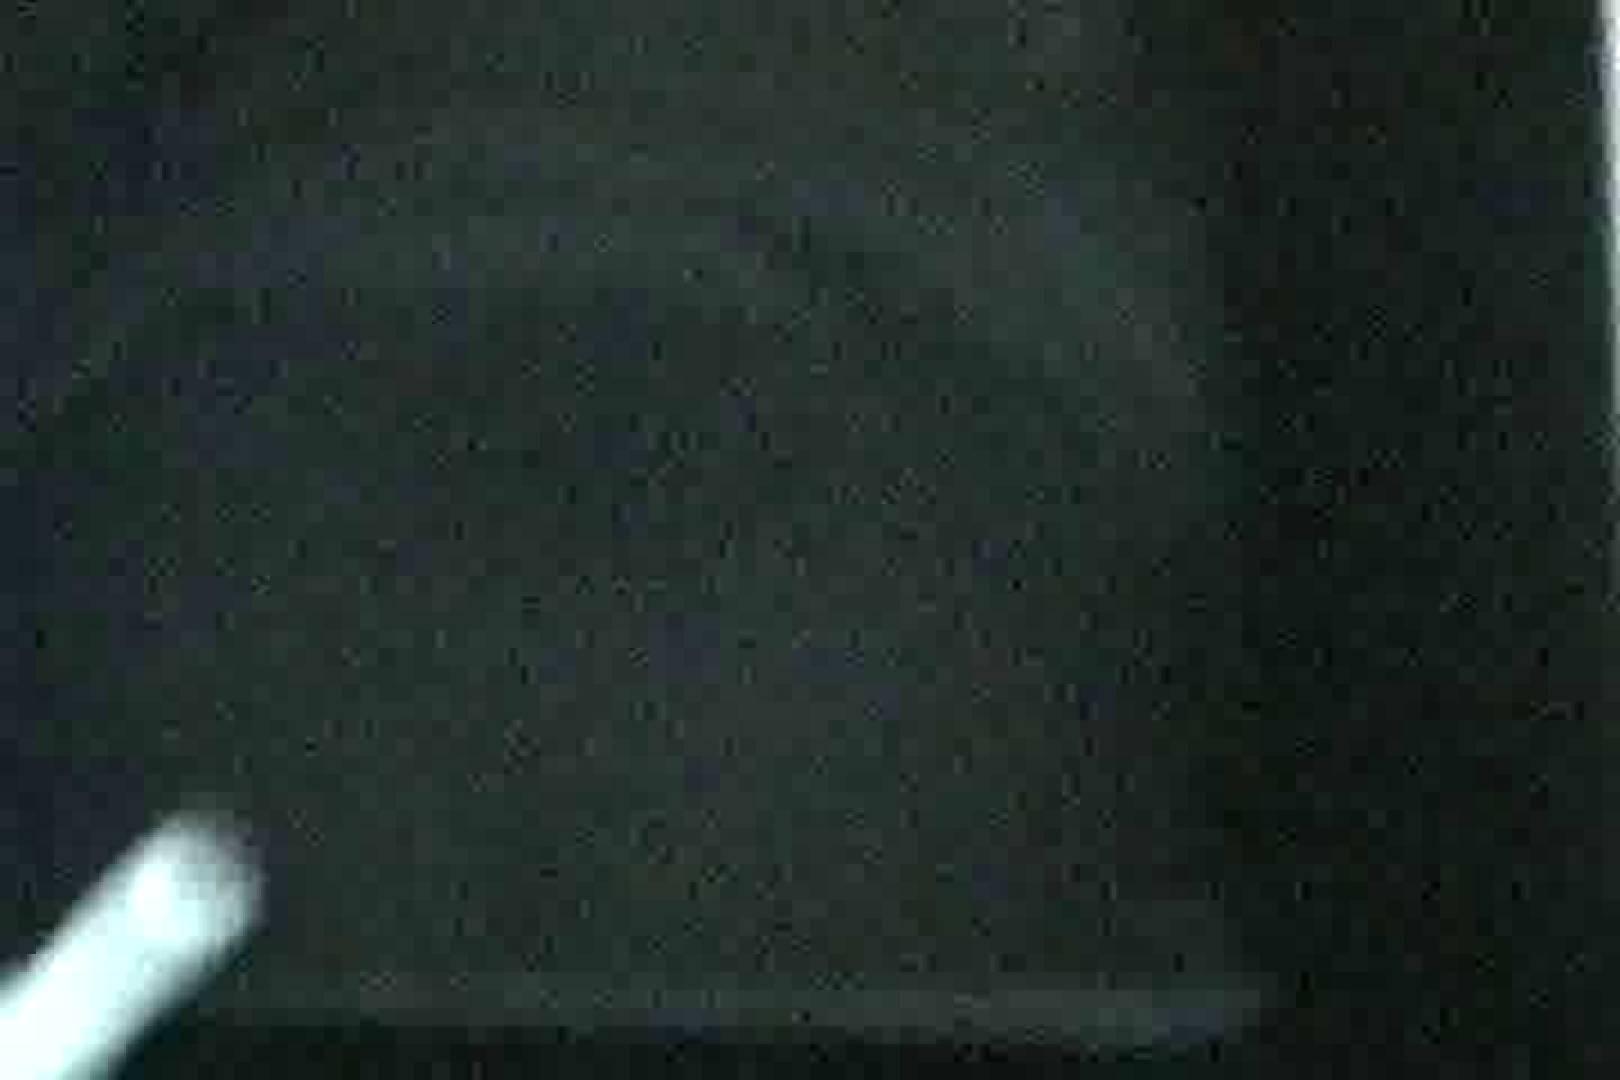 充血監督の深夜の運動会Vol.33 ギャルの実態 隠し撮りすけべAV動画紹介 89pic 88